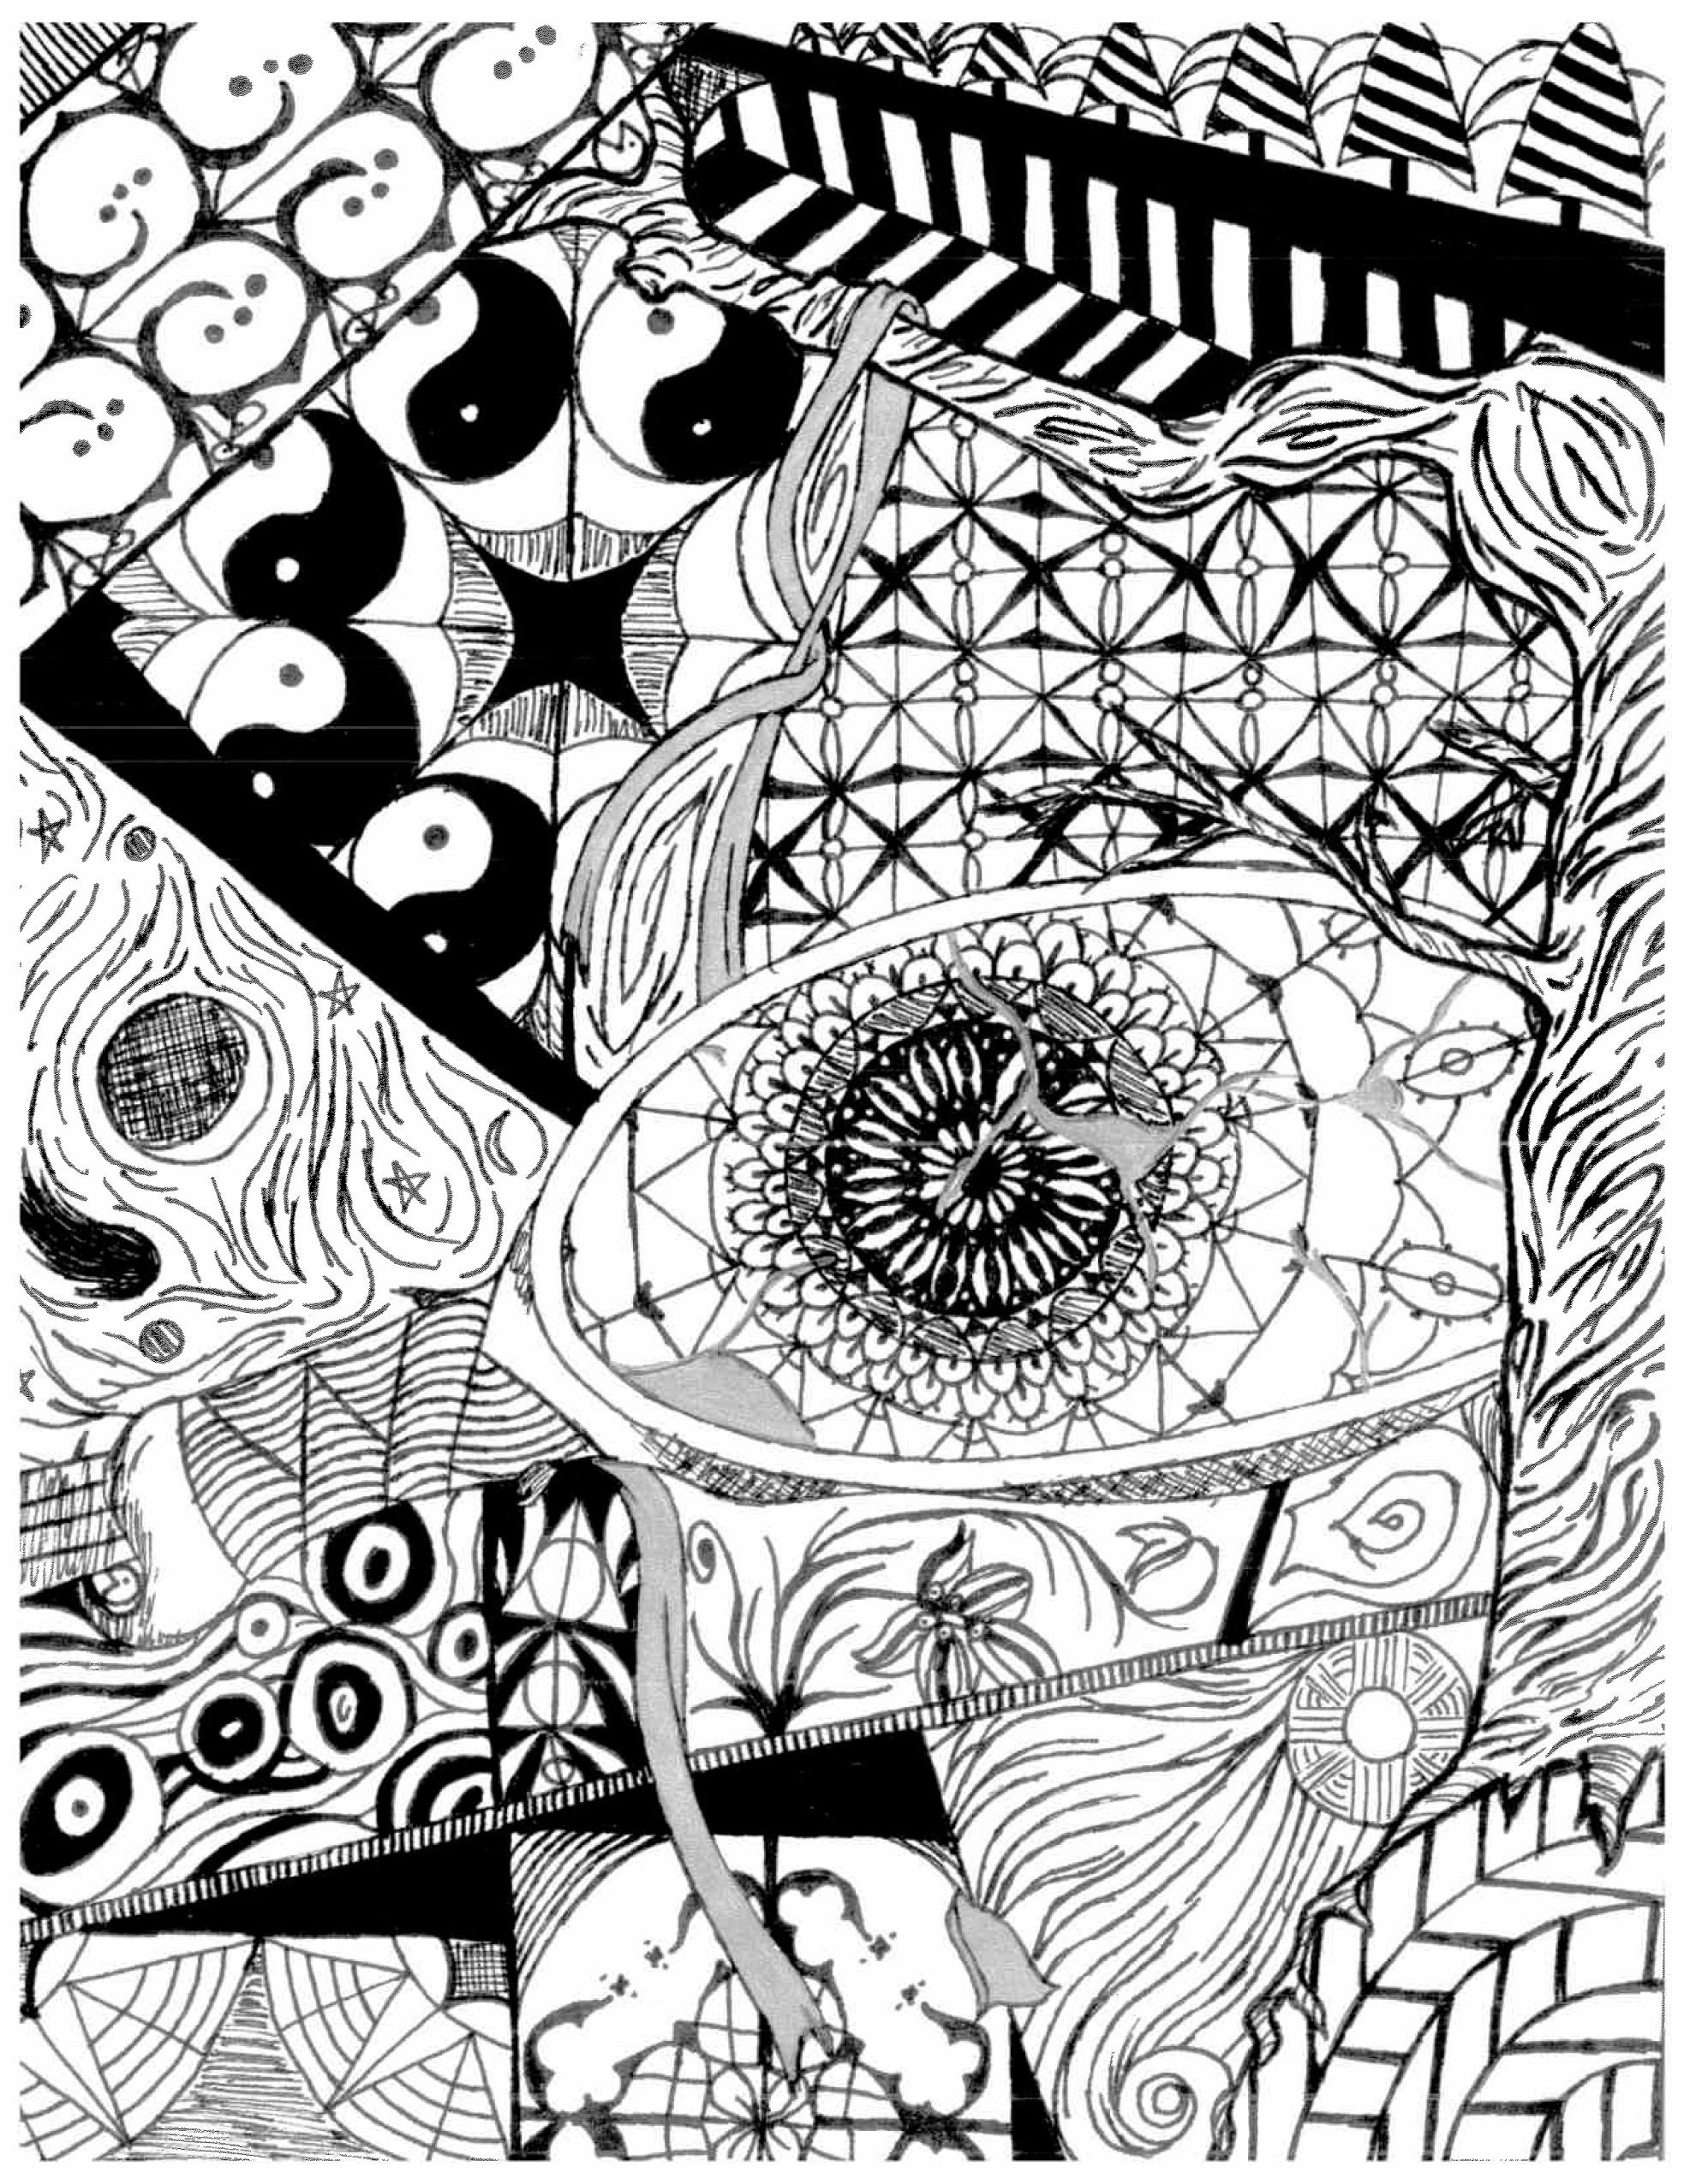 Art Design : Art class design project by ignis phoenix on deviantart